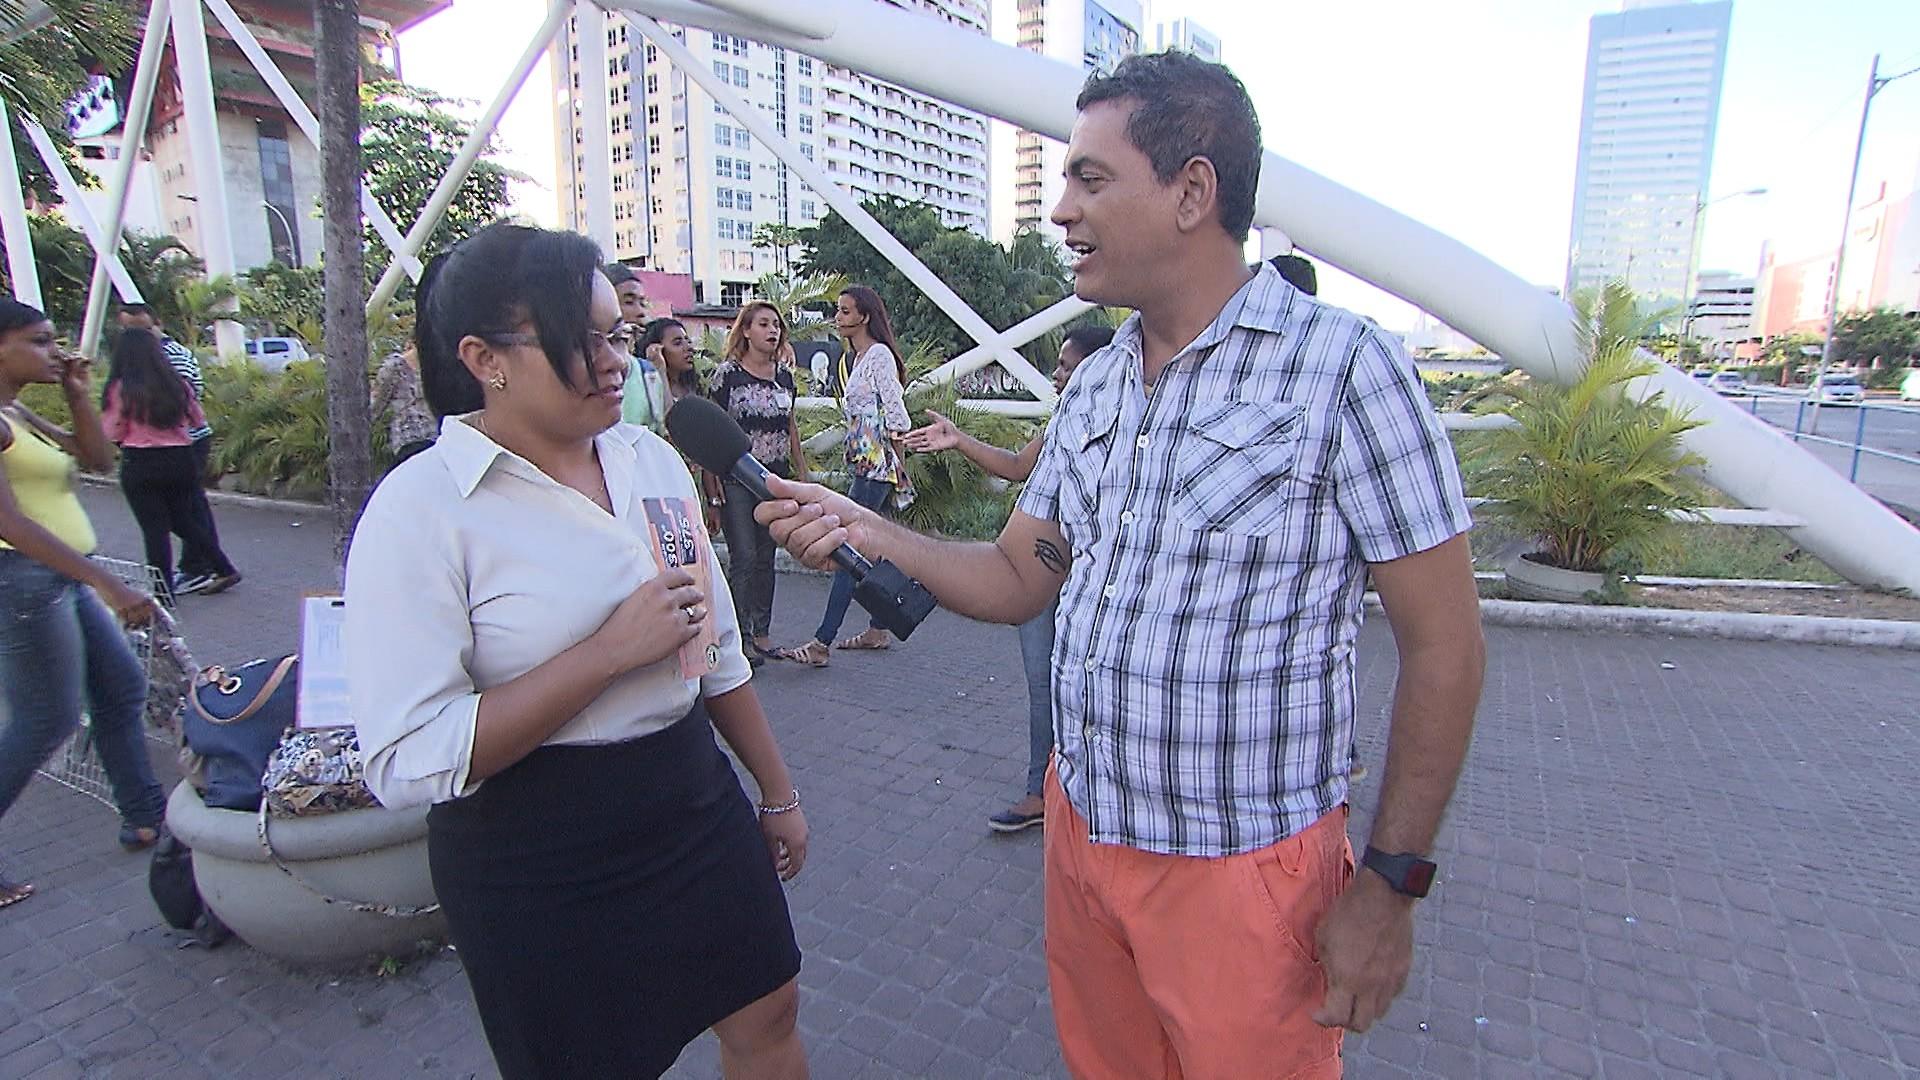 Maurício Oliveira vai às ruas para saber se as mulheres preferem gordinhos ou sarados (Foto: Divulgação)